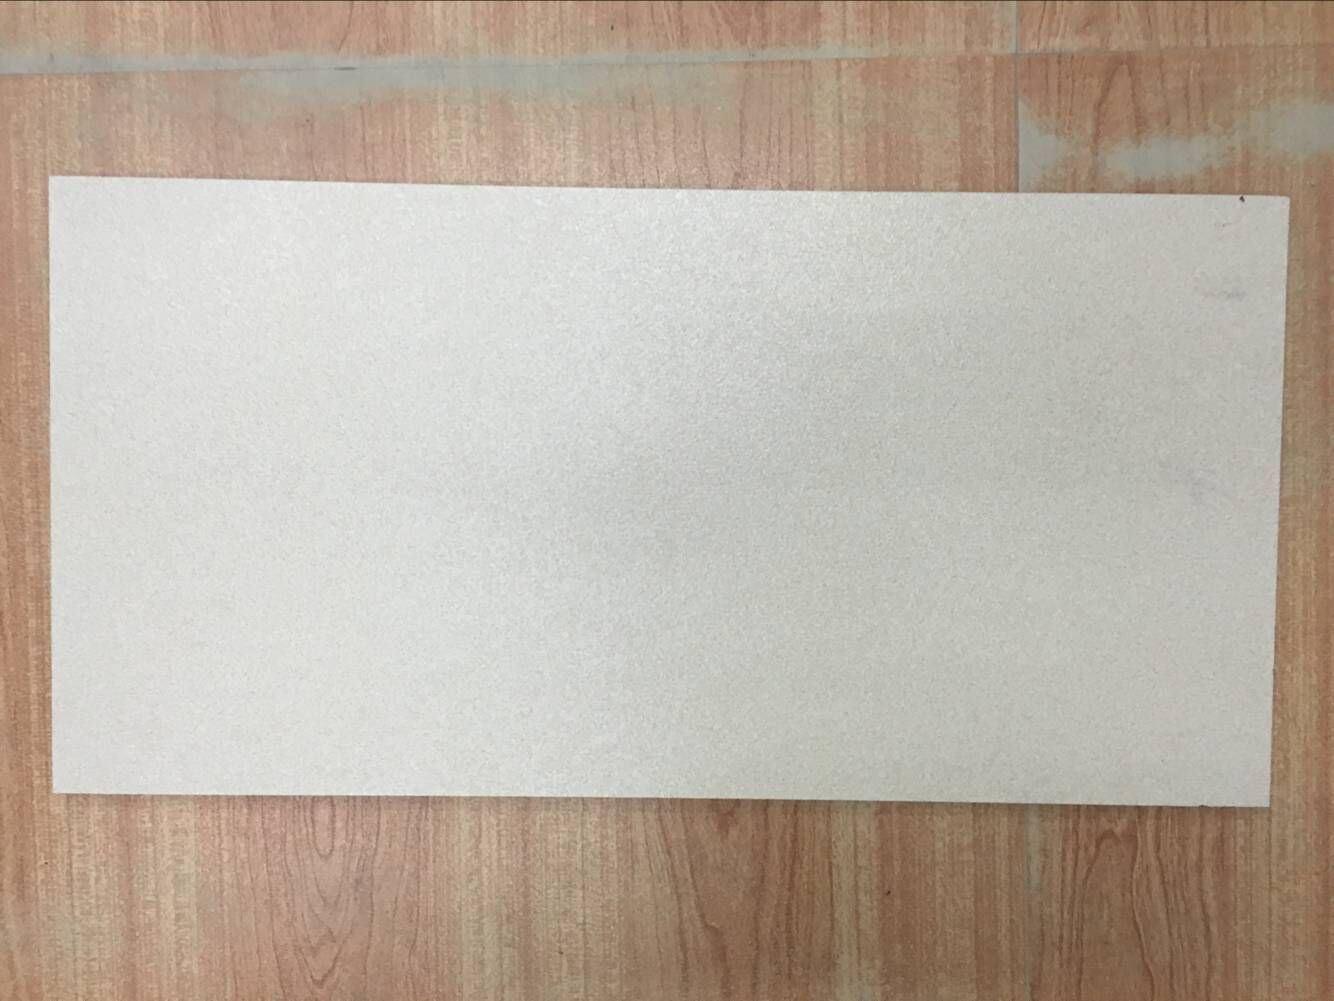 China ivory white glazed matt porcelain tiles concrete for Cement look tiles